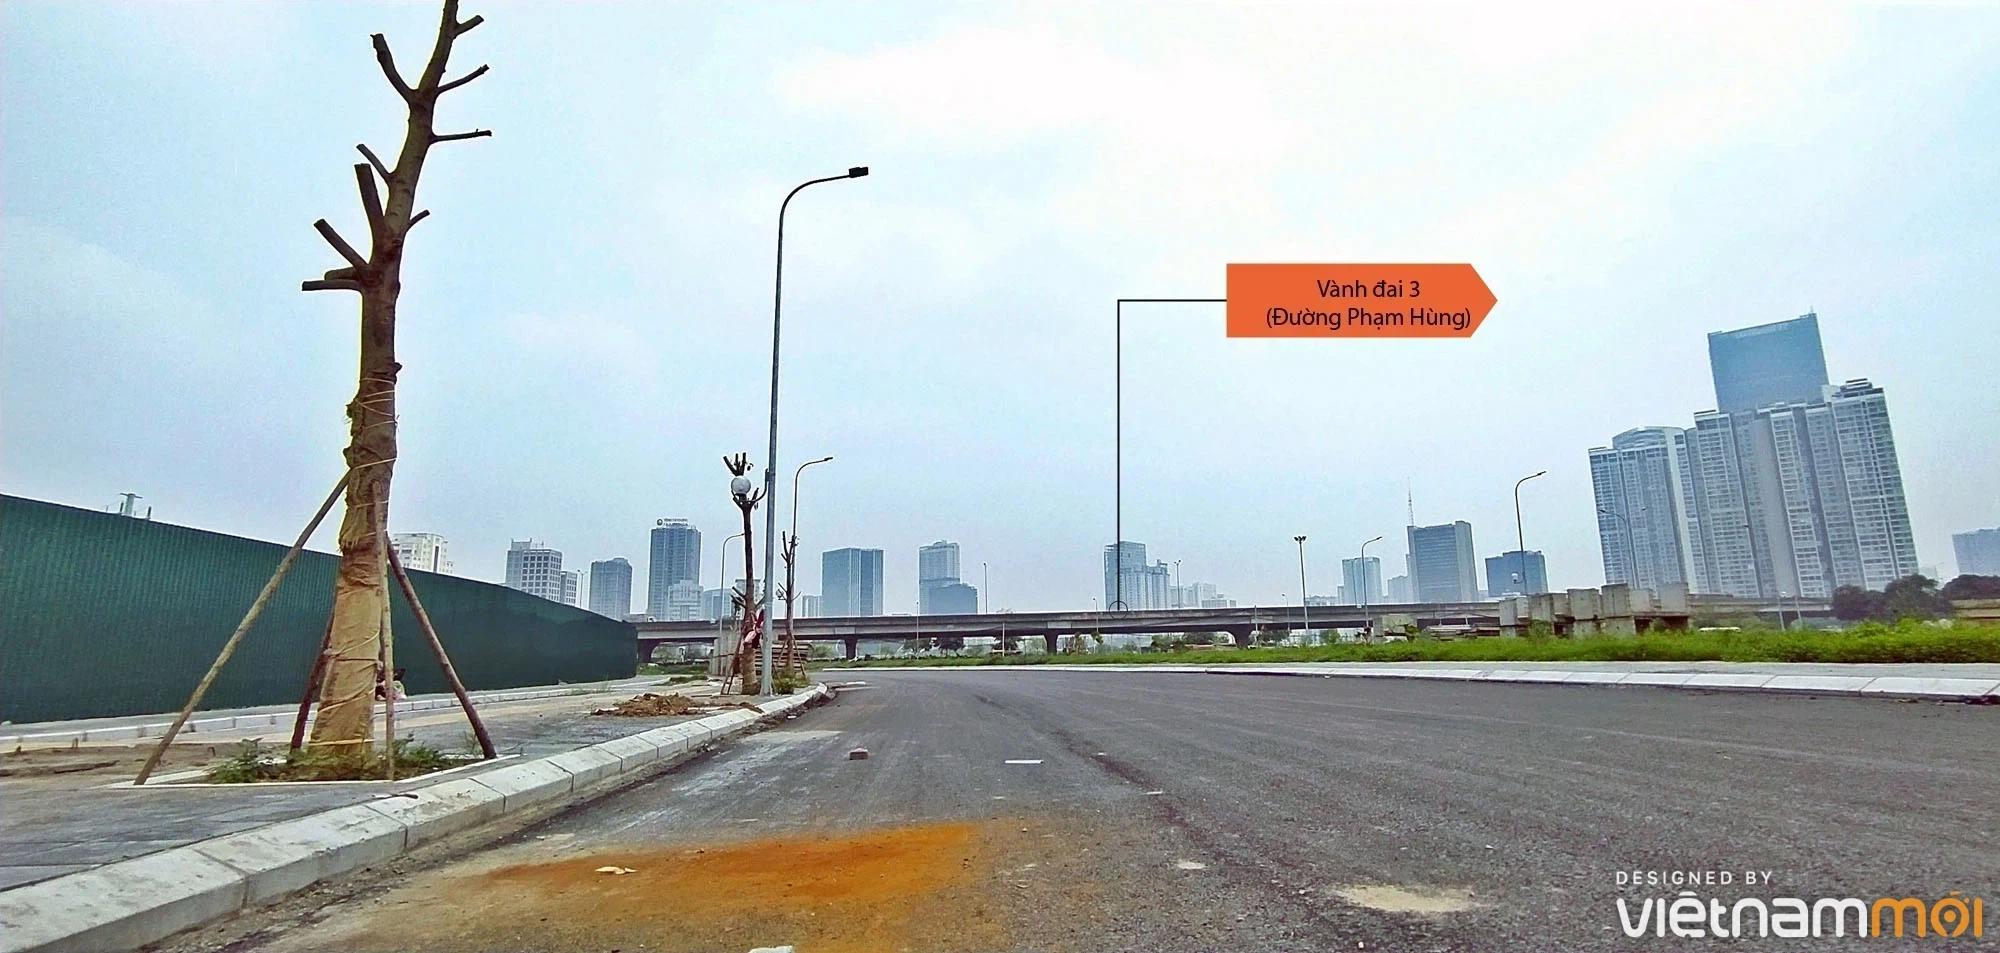 Toàn cảnh đường nối Lê Đức Thọ - Phạm Hùng đang mở theo quy hoạch ở Hà Nội - Ảnh 4.